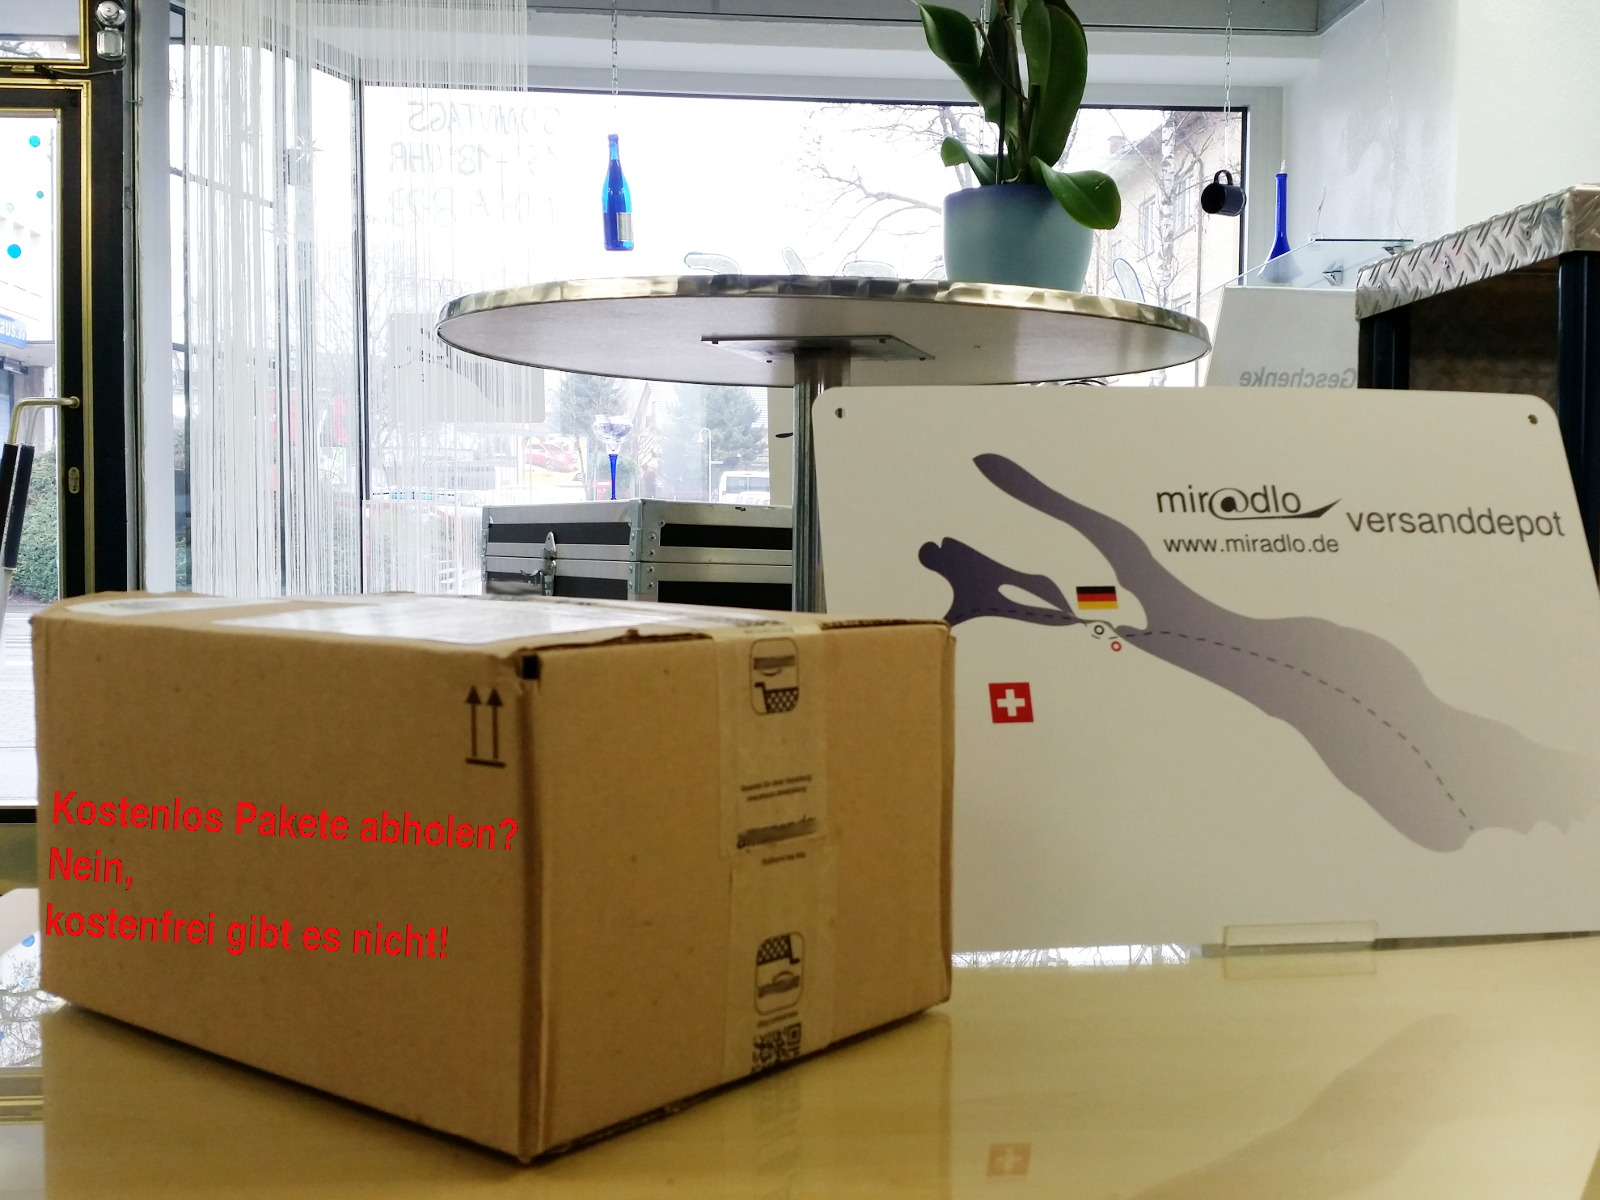 Pakete kostenlos abholen - das gibt es nicht bei Lieferadressen